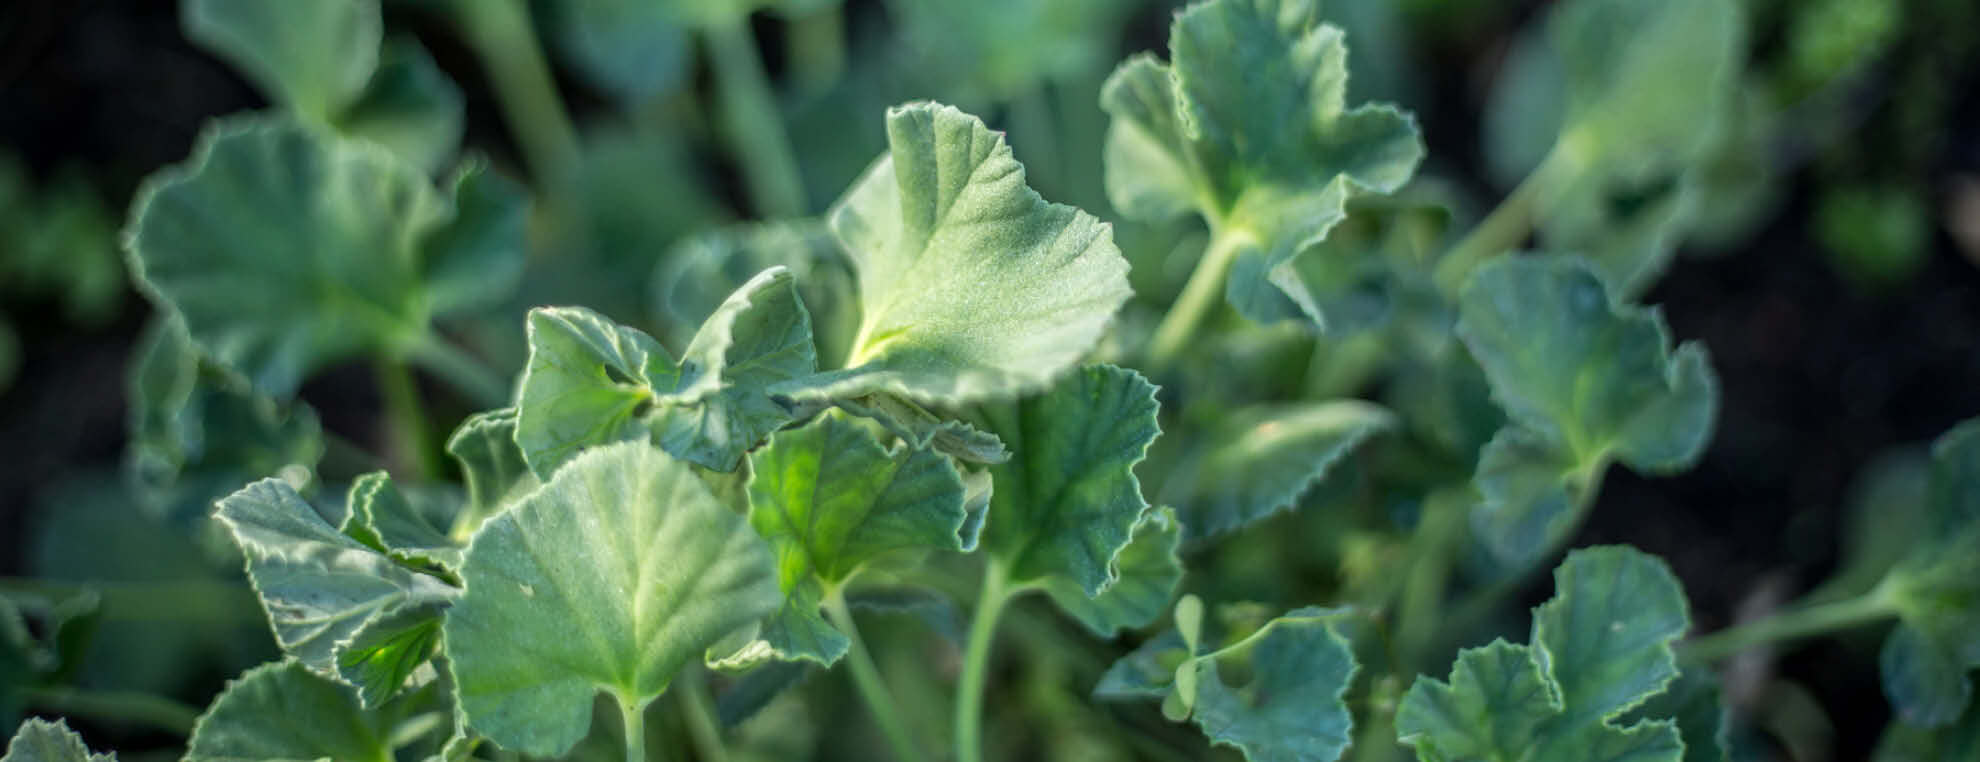 afrigetics-botanicals-pelargonium-sidoides-pela-power-extract-plant-leafs